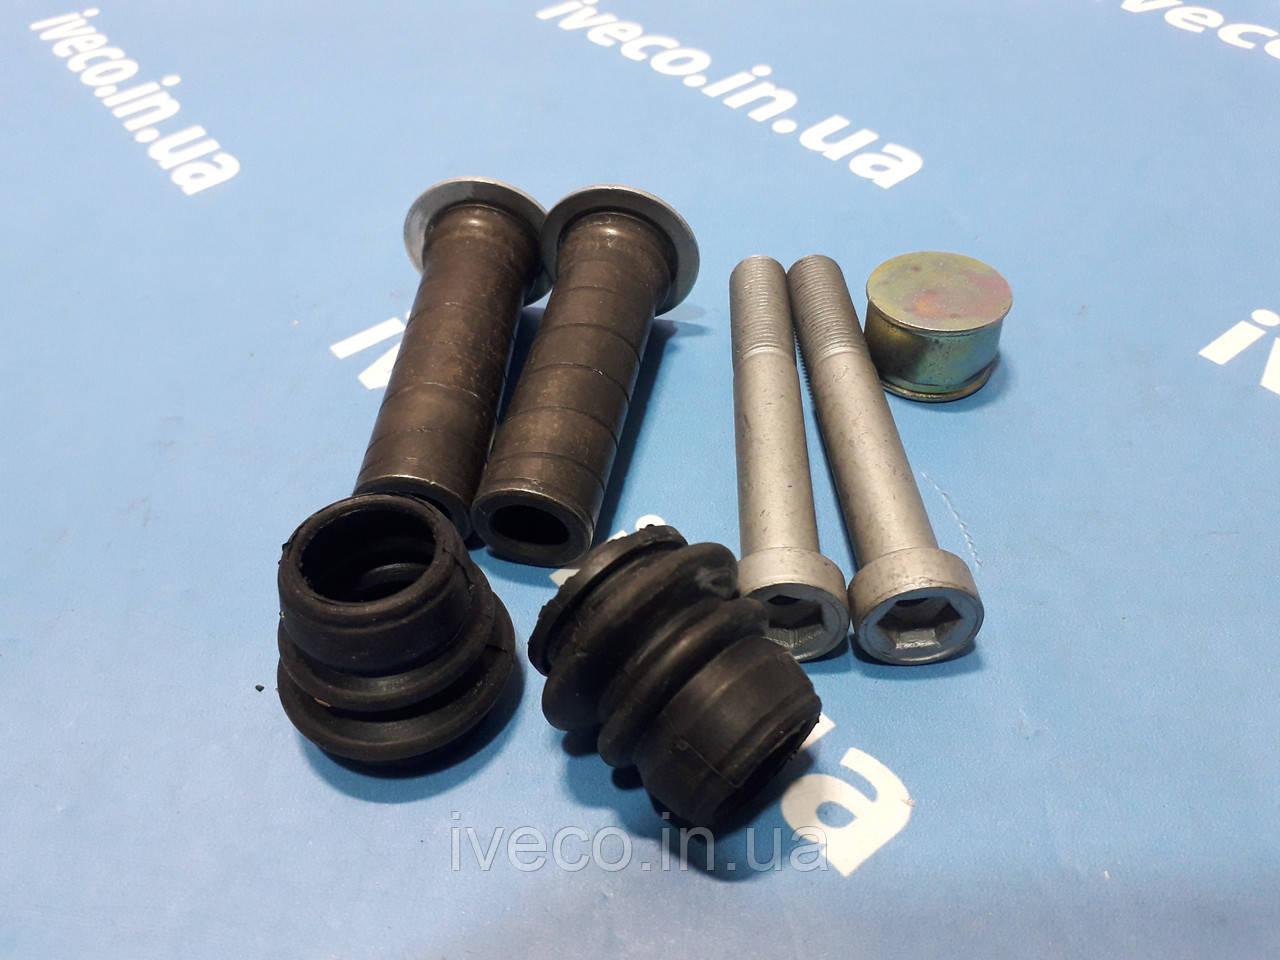 Ремкомплект суппорта Girling переднего заднего Iveco Eurocargo Ивеко Еврокарго 93161029 93161472 SJ1034 SJ1035